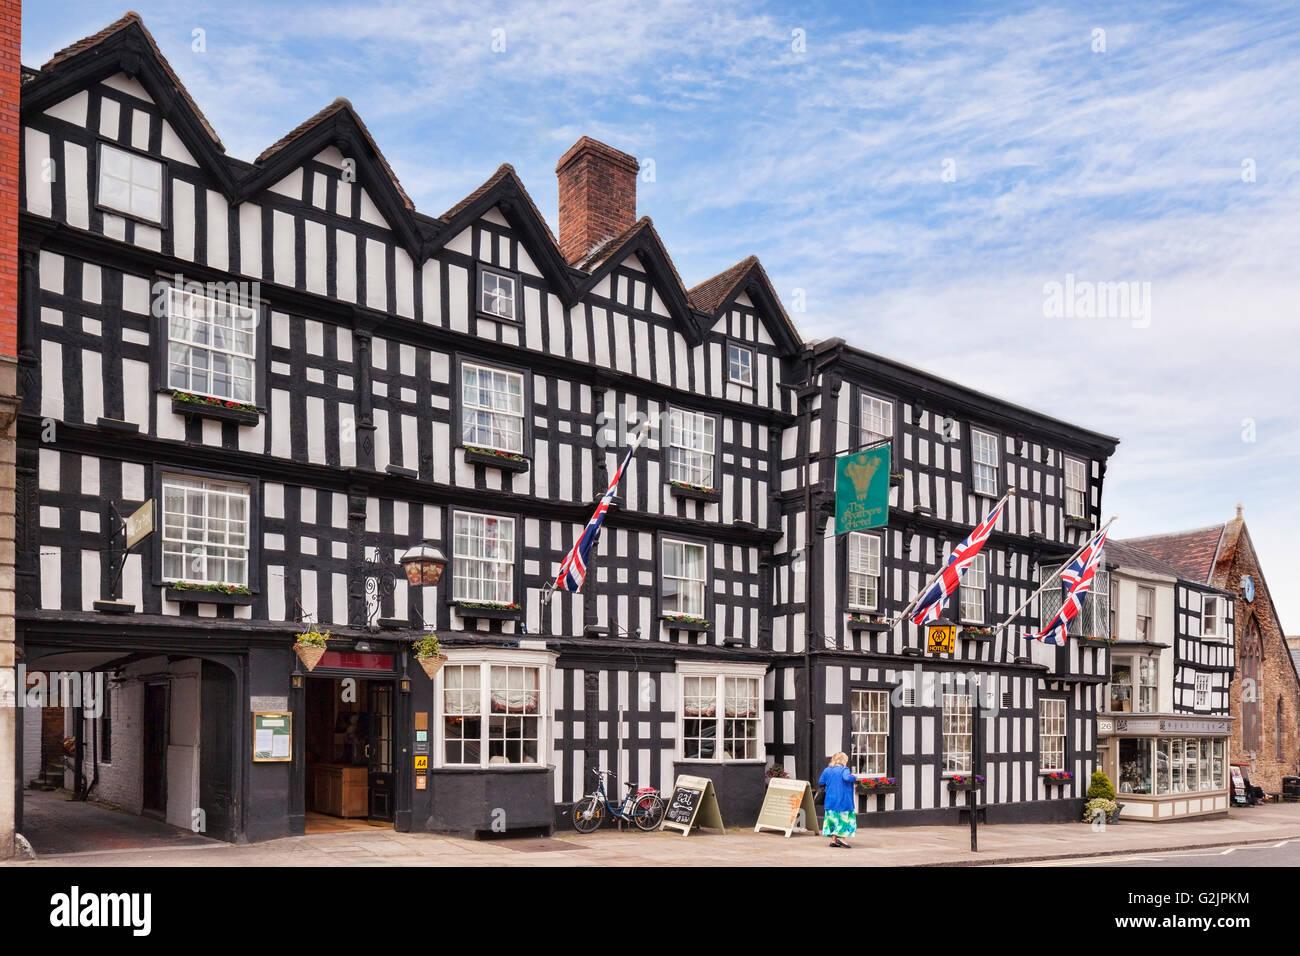 Feathers Hotel, Ledbury, Herefordshire, England, UK - Stock Image